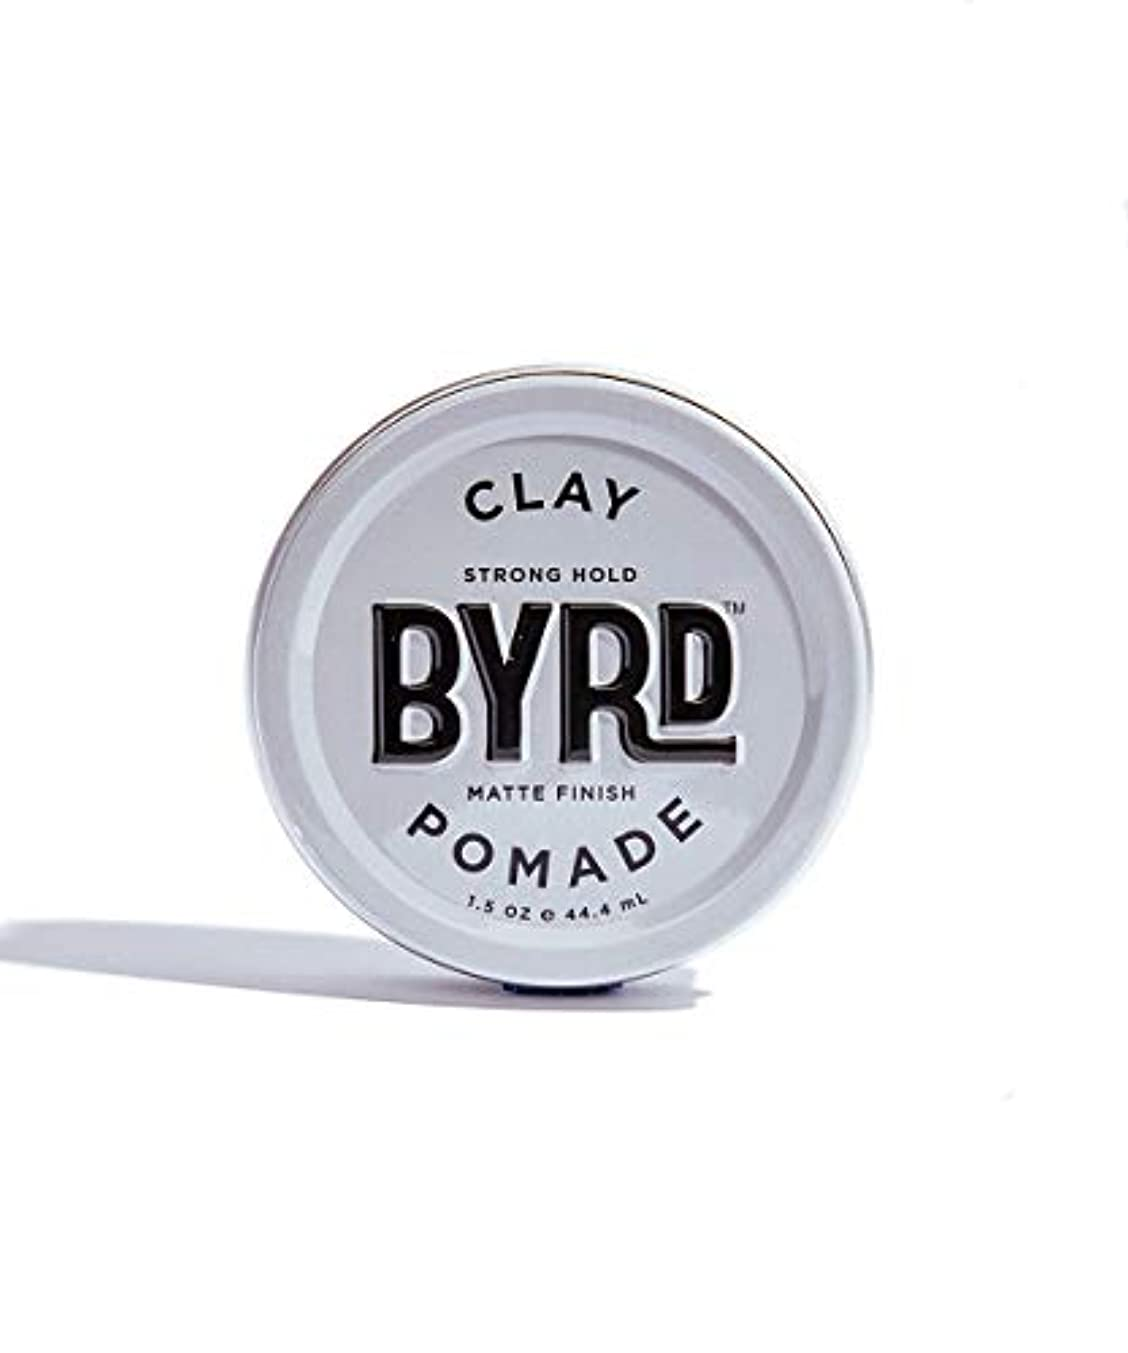 区別するラッシュ実施するBYRD/クレイポマード 42g メンズコスメ ワックス ヘアスタイリング かっこいい モテ髪